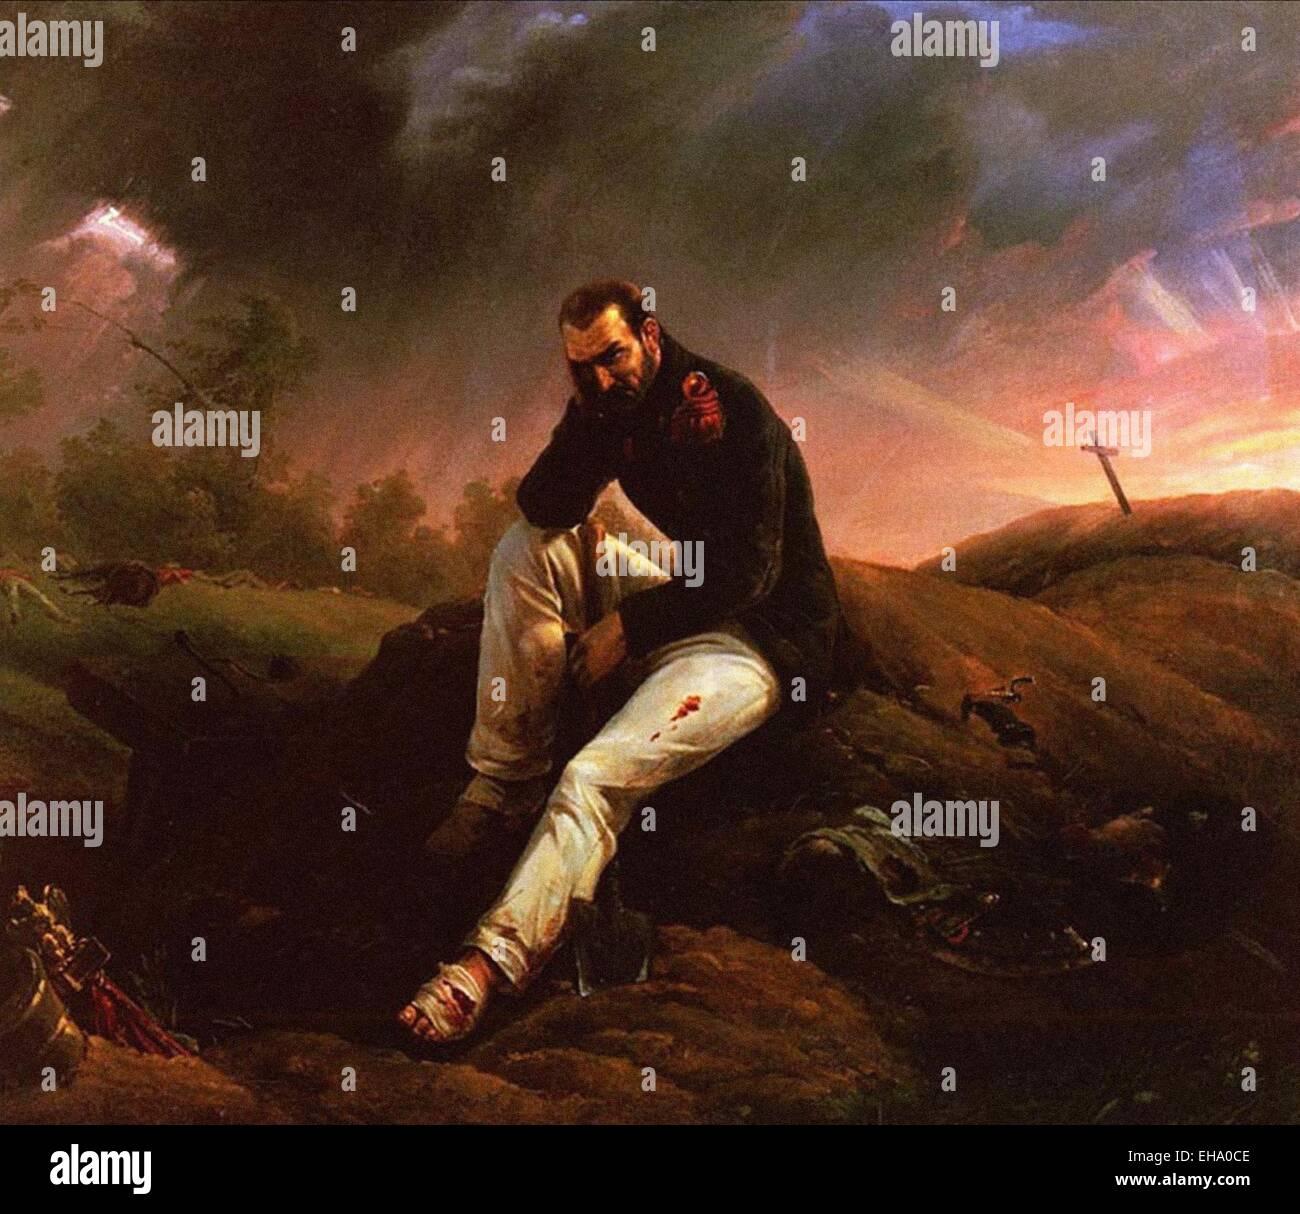 Horace Vernet el último granadero de Waterloo Imagen De Stock